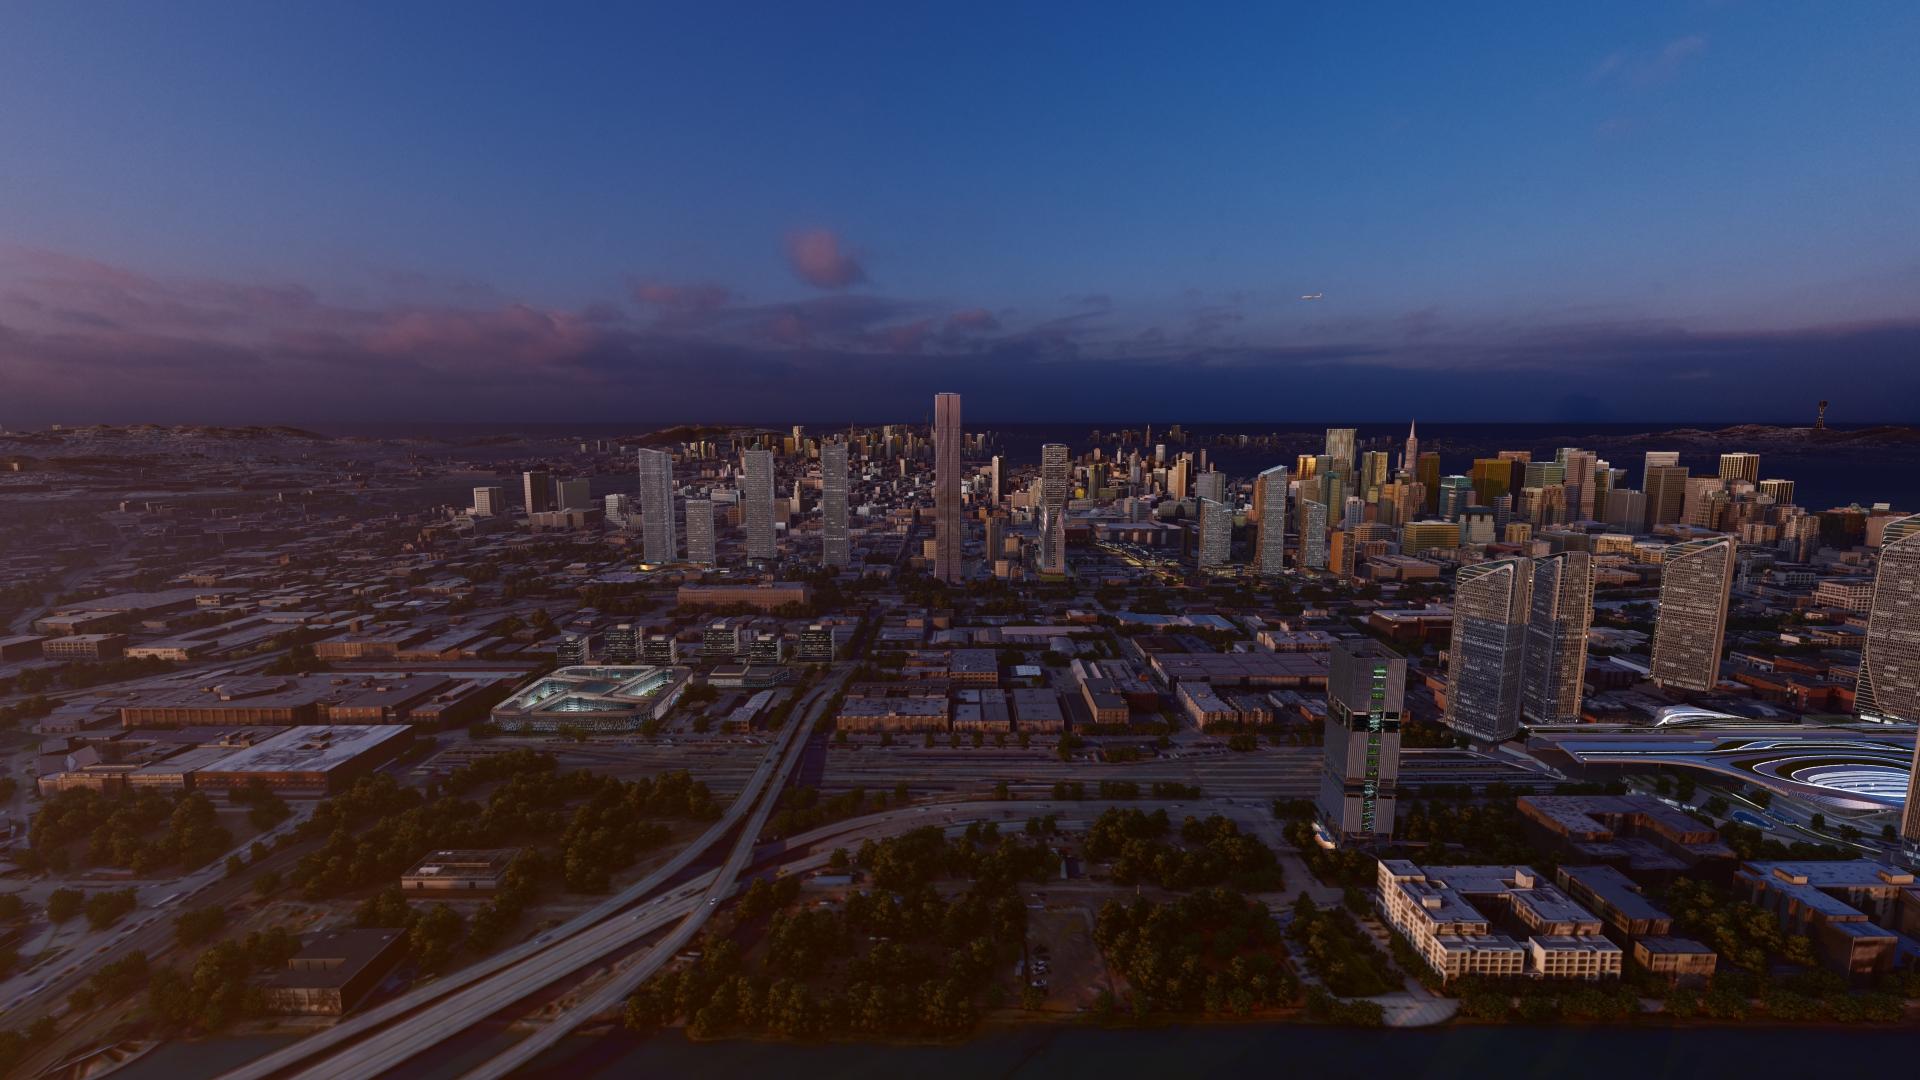 Aedas City - Skyline featuring all models from Aedas